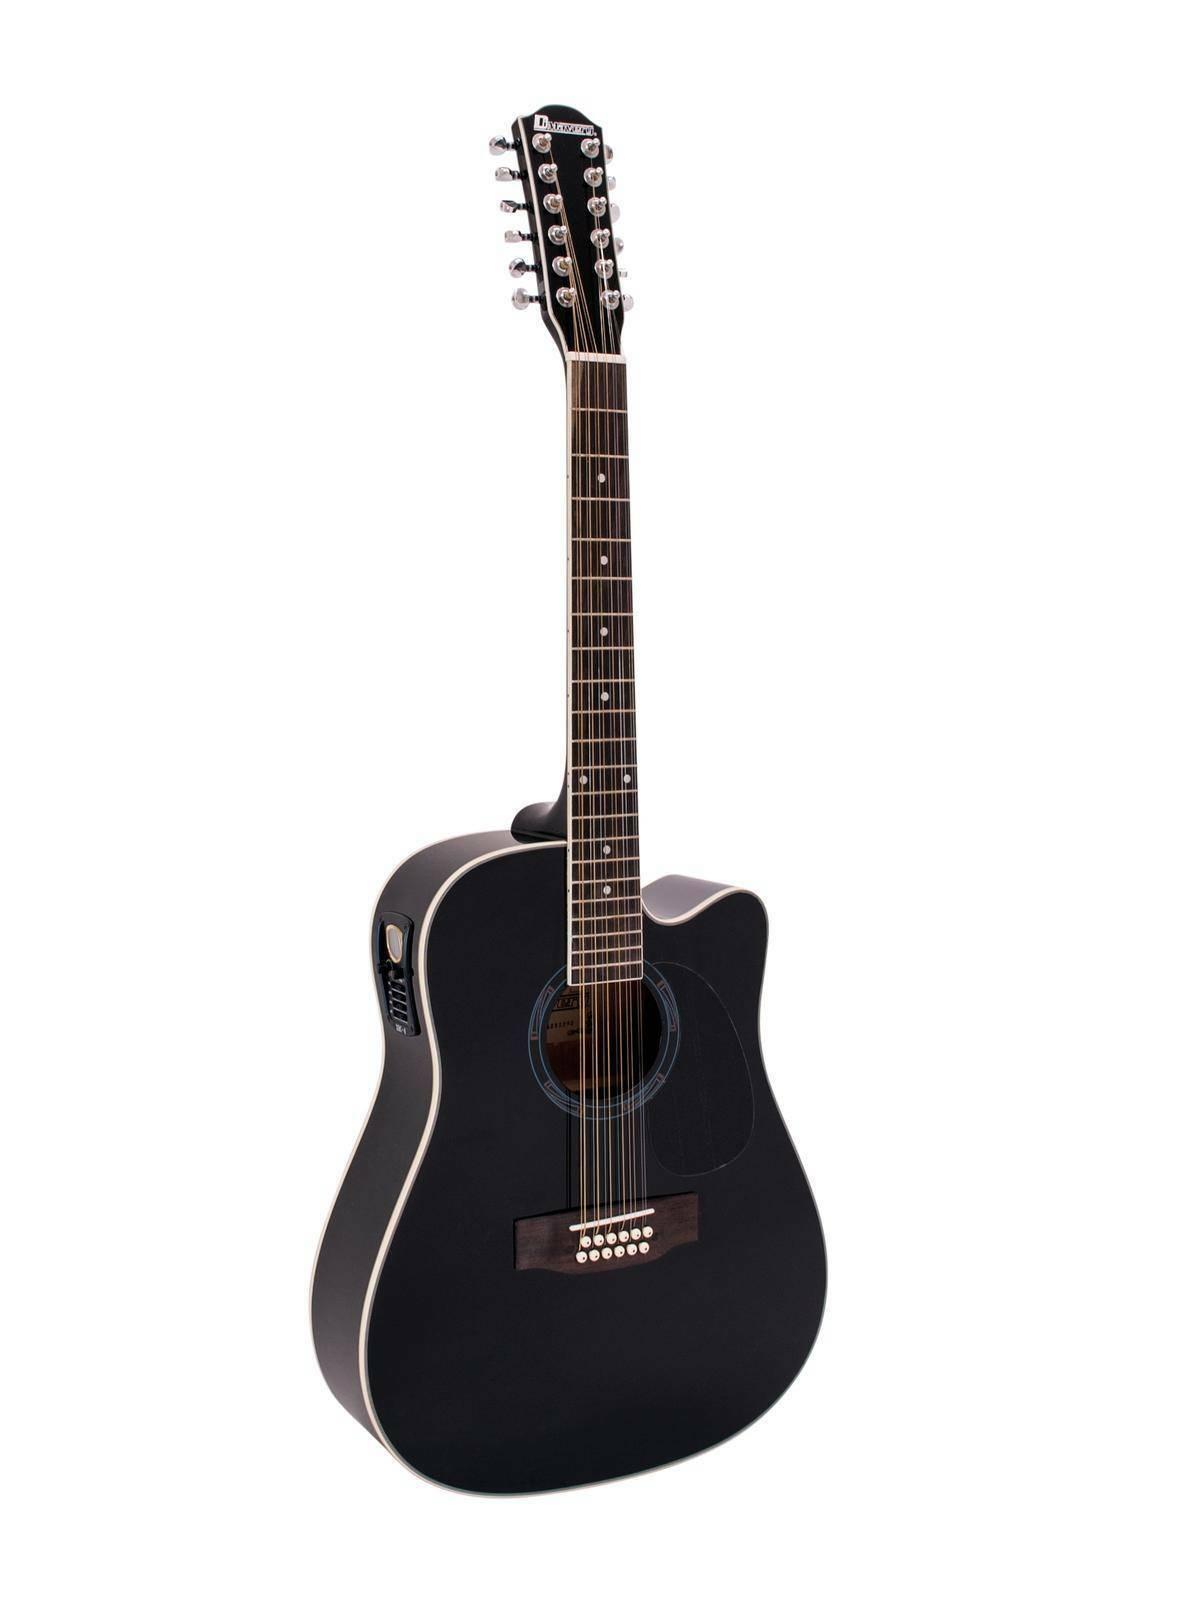 Western Gitarre TENVER, Zwölf Stahlsaiten, schwarz   Westerngitarre Dreadnought